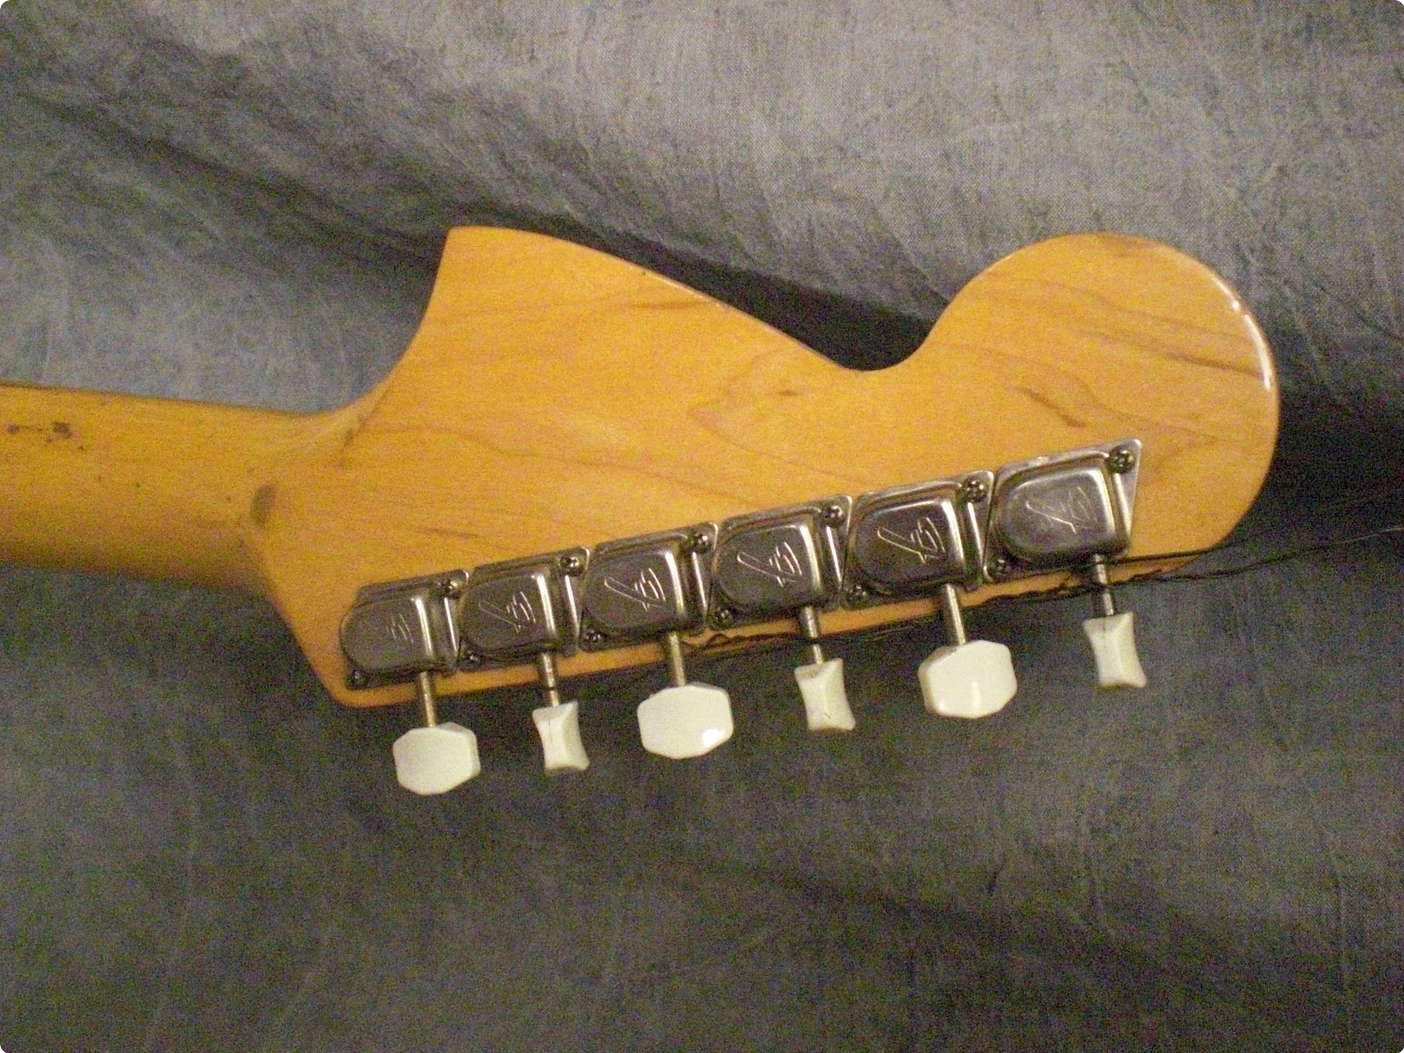 fender mustang 1970 sunburst guitar for sale twang. Black Bedroom Furniture Sets. Home Design Ideas